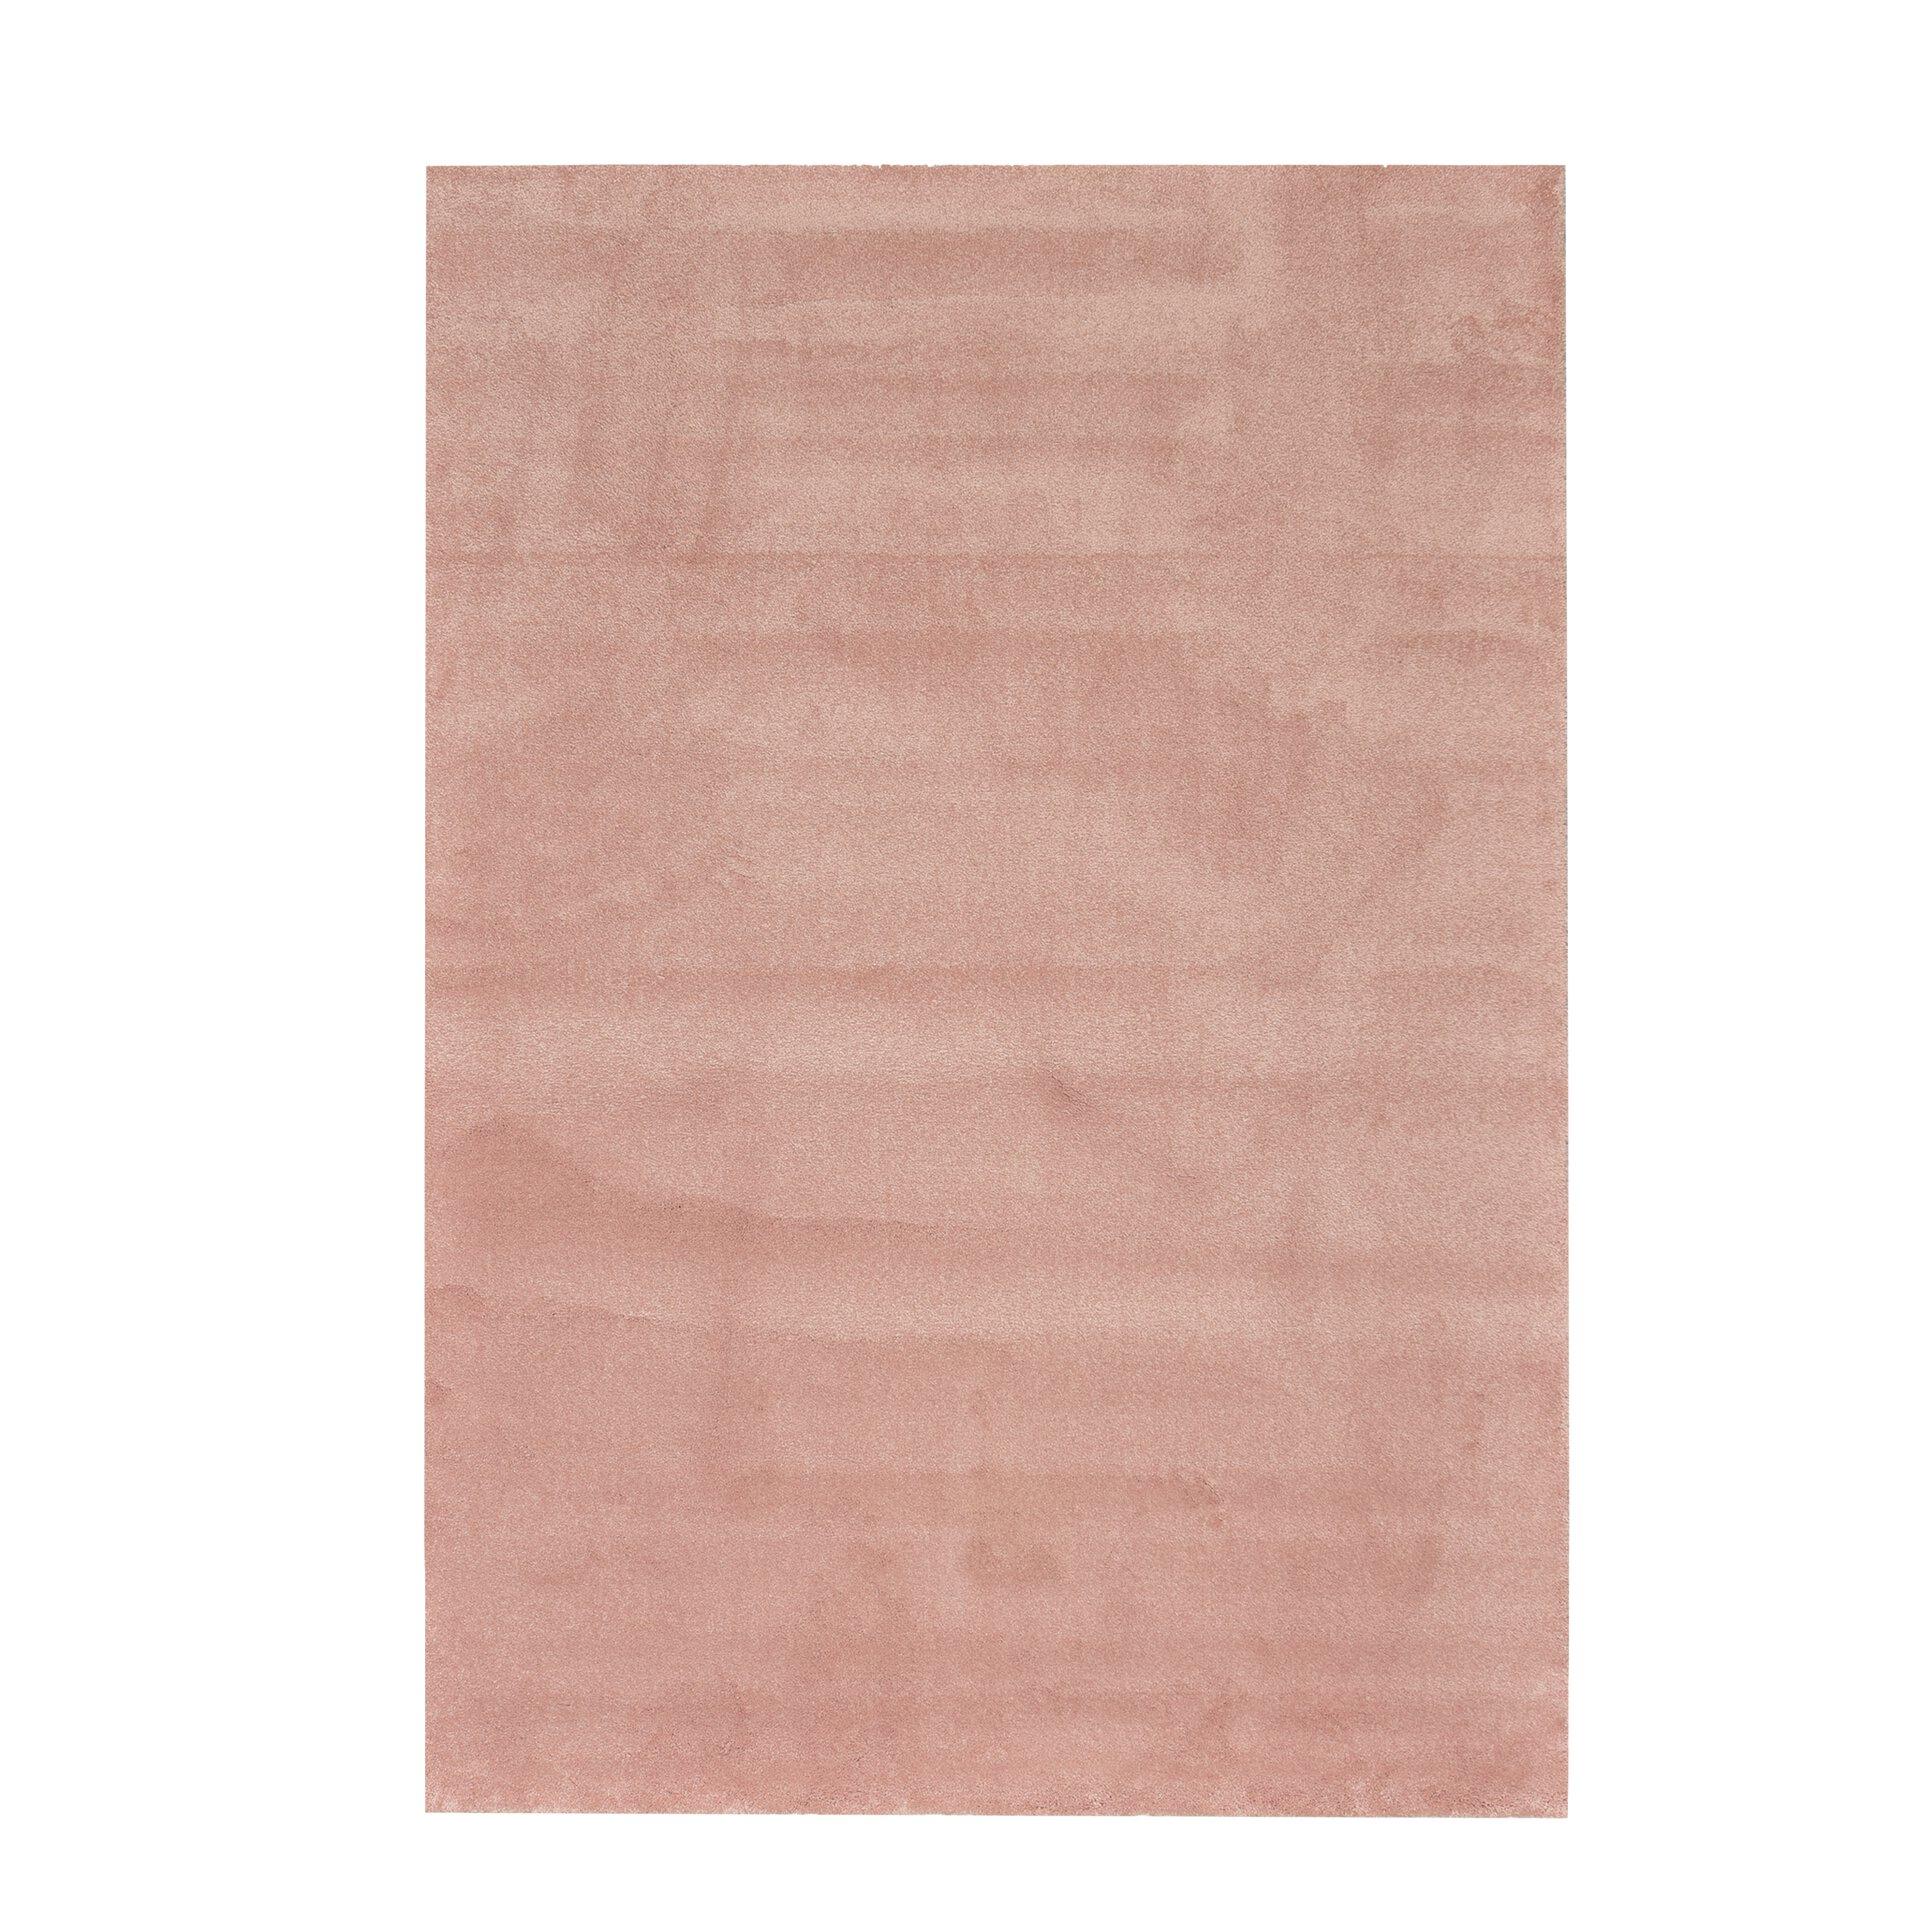 Maschinenwebteppich Montana BG Sense merinos Textil rosa 1 x 1 cm